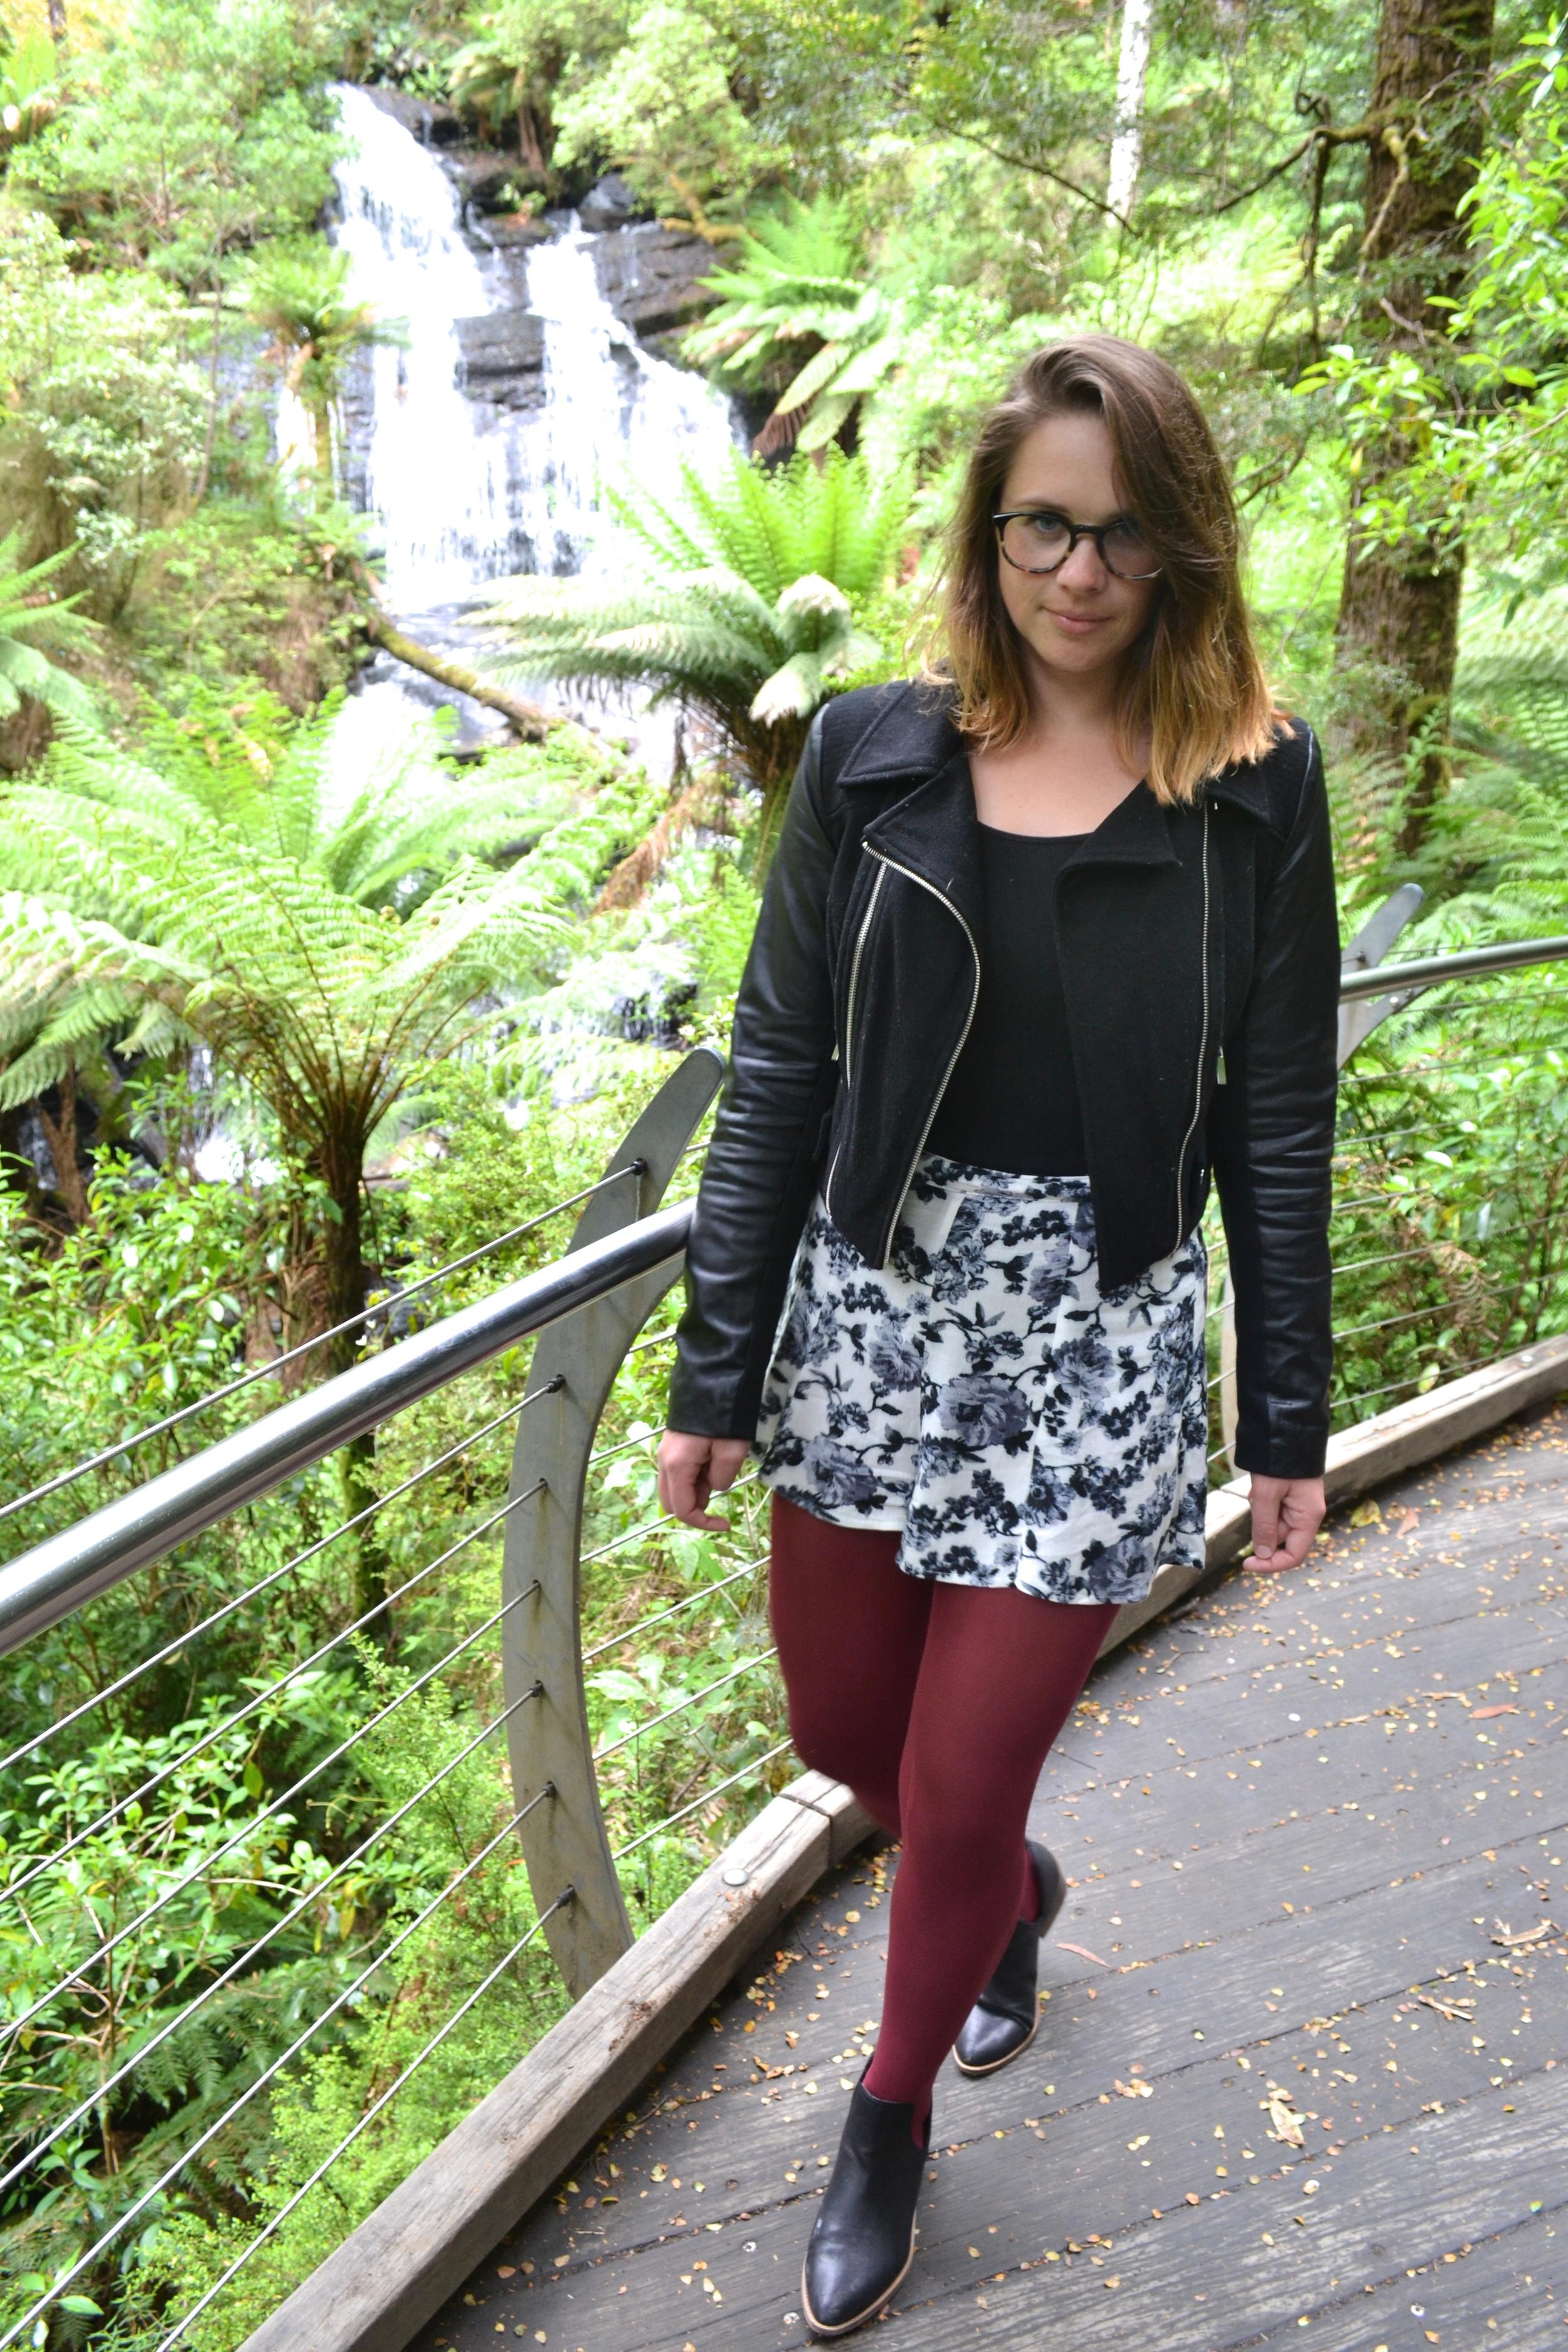 otway-rainforest-red-tights